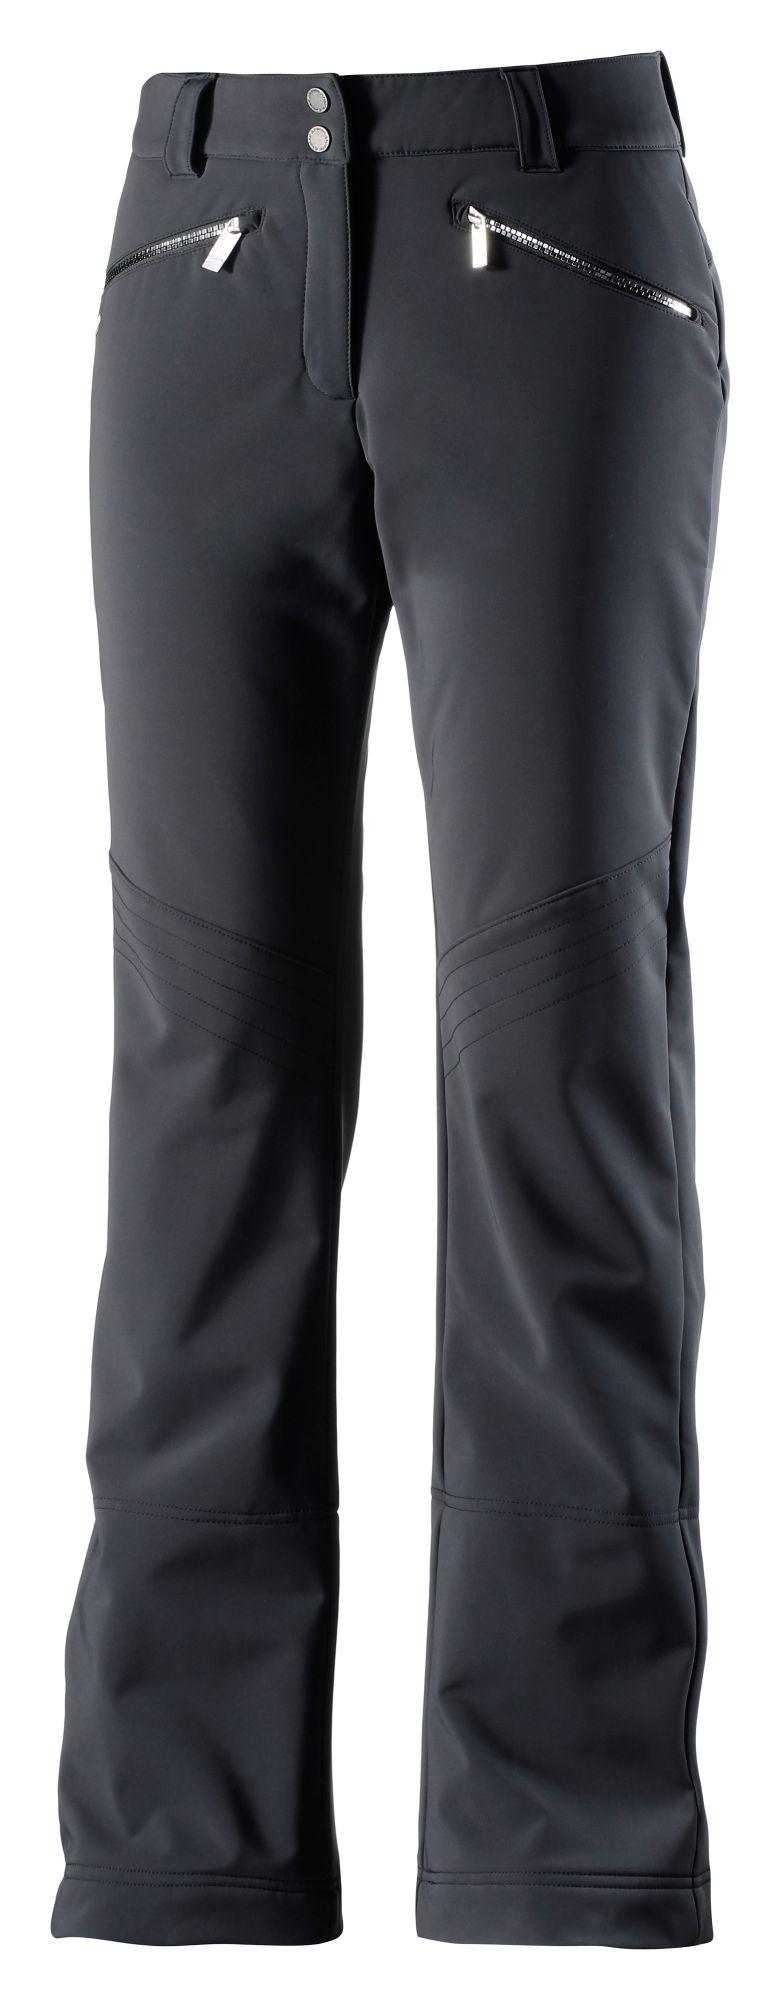 Latemar Softshellhose Damen in schwarz, Größe 44